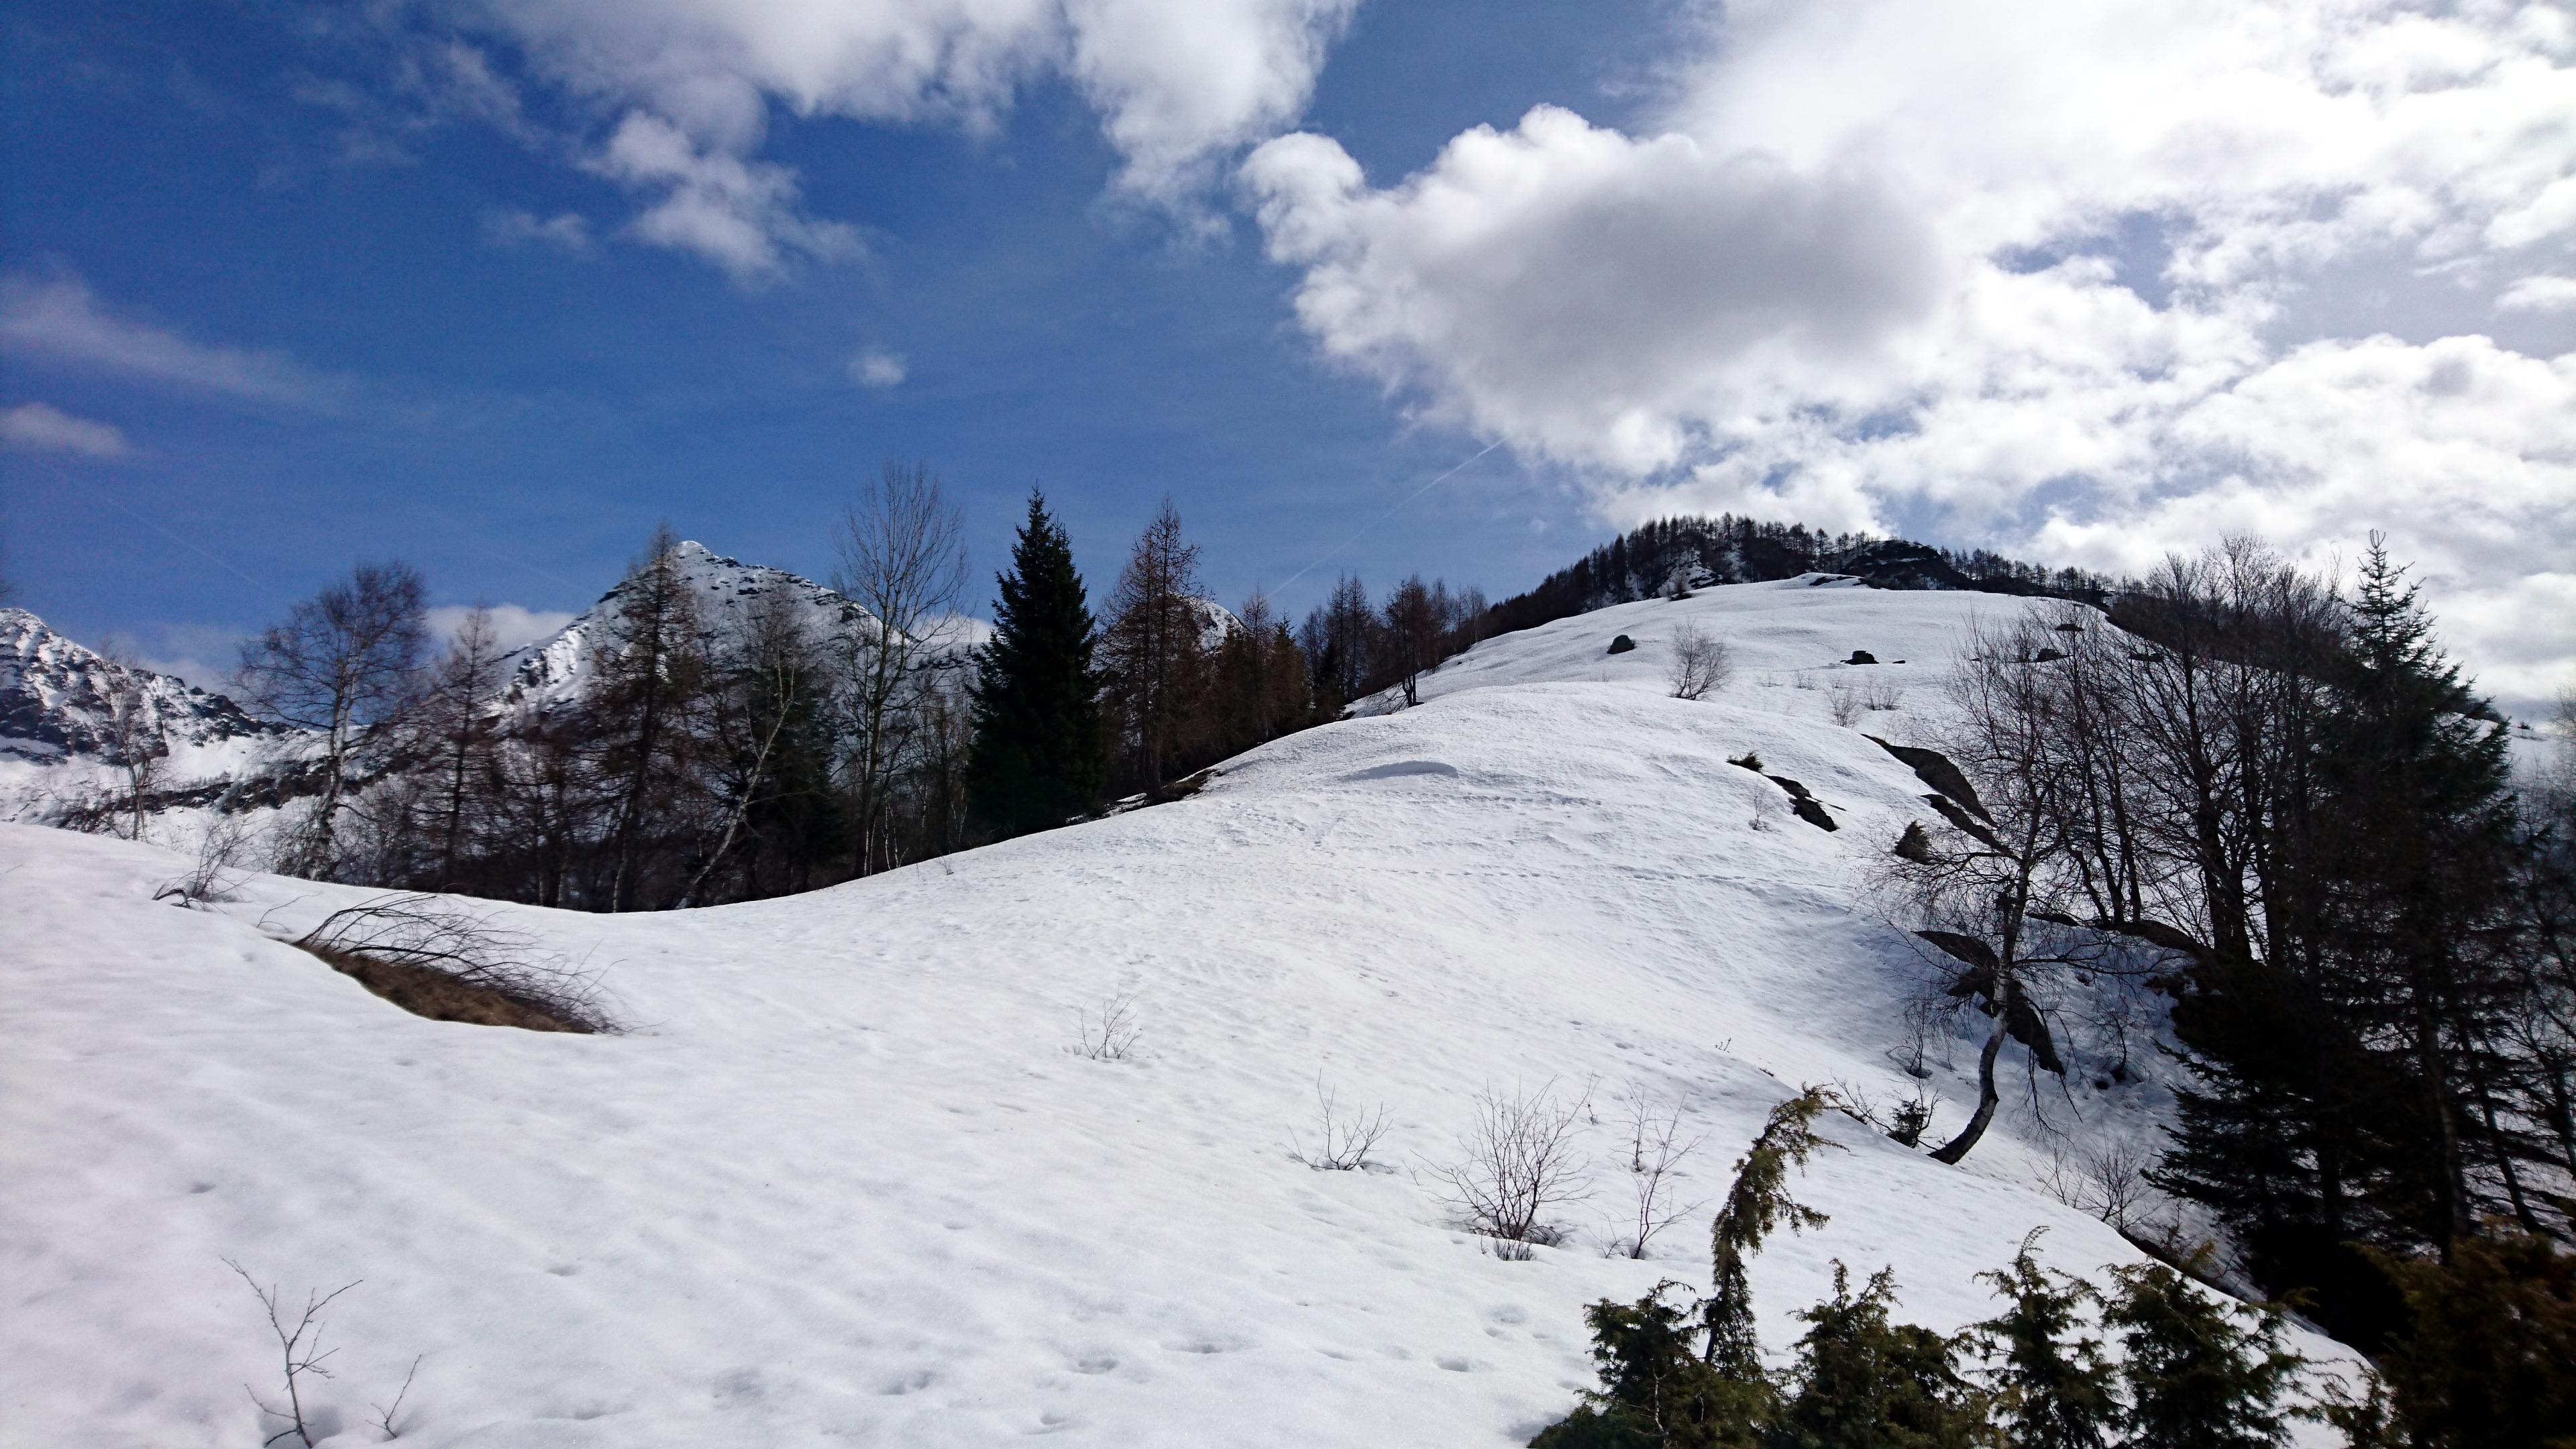 da qui il sentiero (sommerso dalla neve) prosegue in cresta fino all'Alpe Nava: si sprofonda fino alla vita nella neve-pappa, il percorso è tutto da tracciare e noi siamo decisamente indietro sulla tabella di marcia, oltre che già molto stanchi